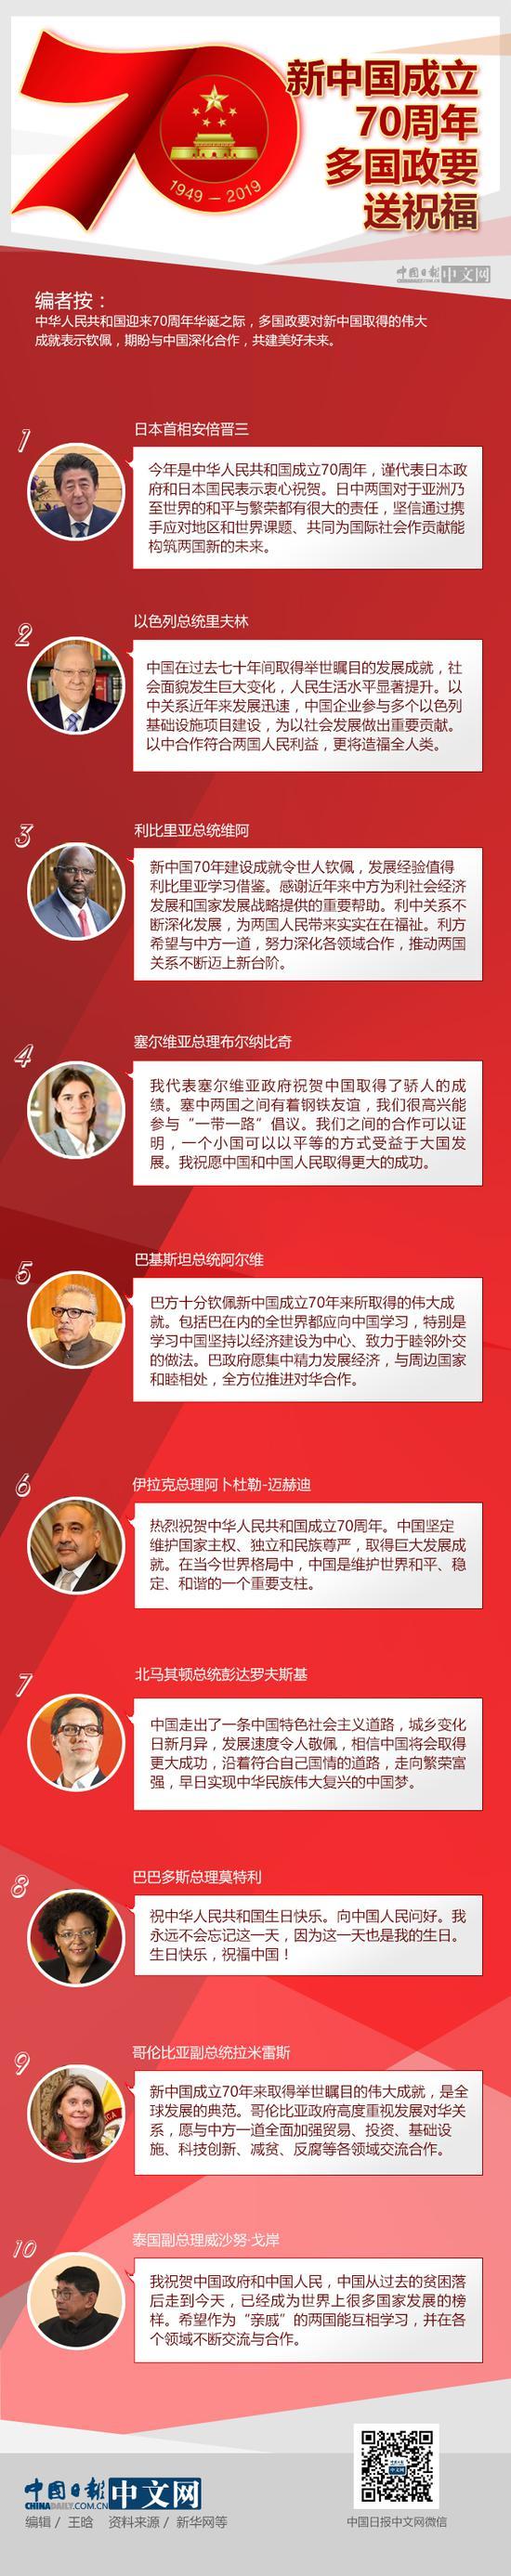 杭州引才发生活补贴:本科1万硕士3万博士5万